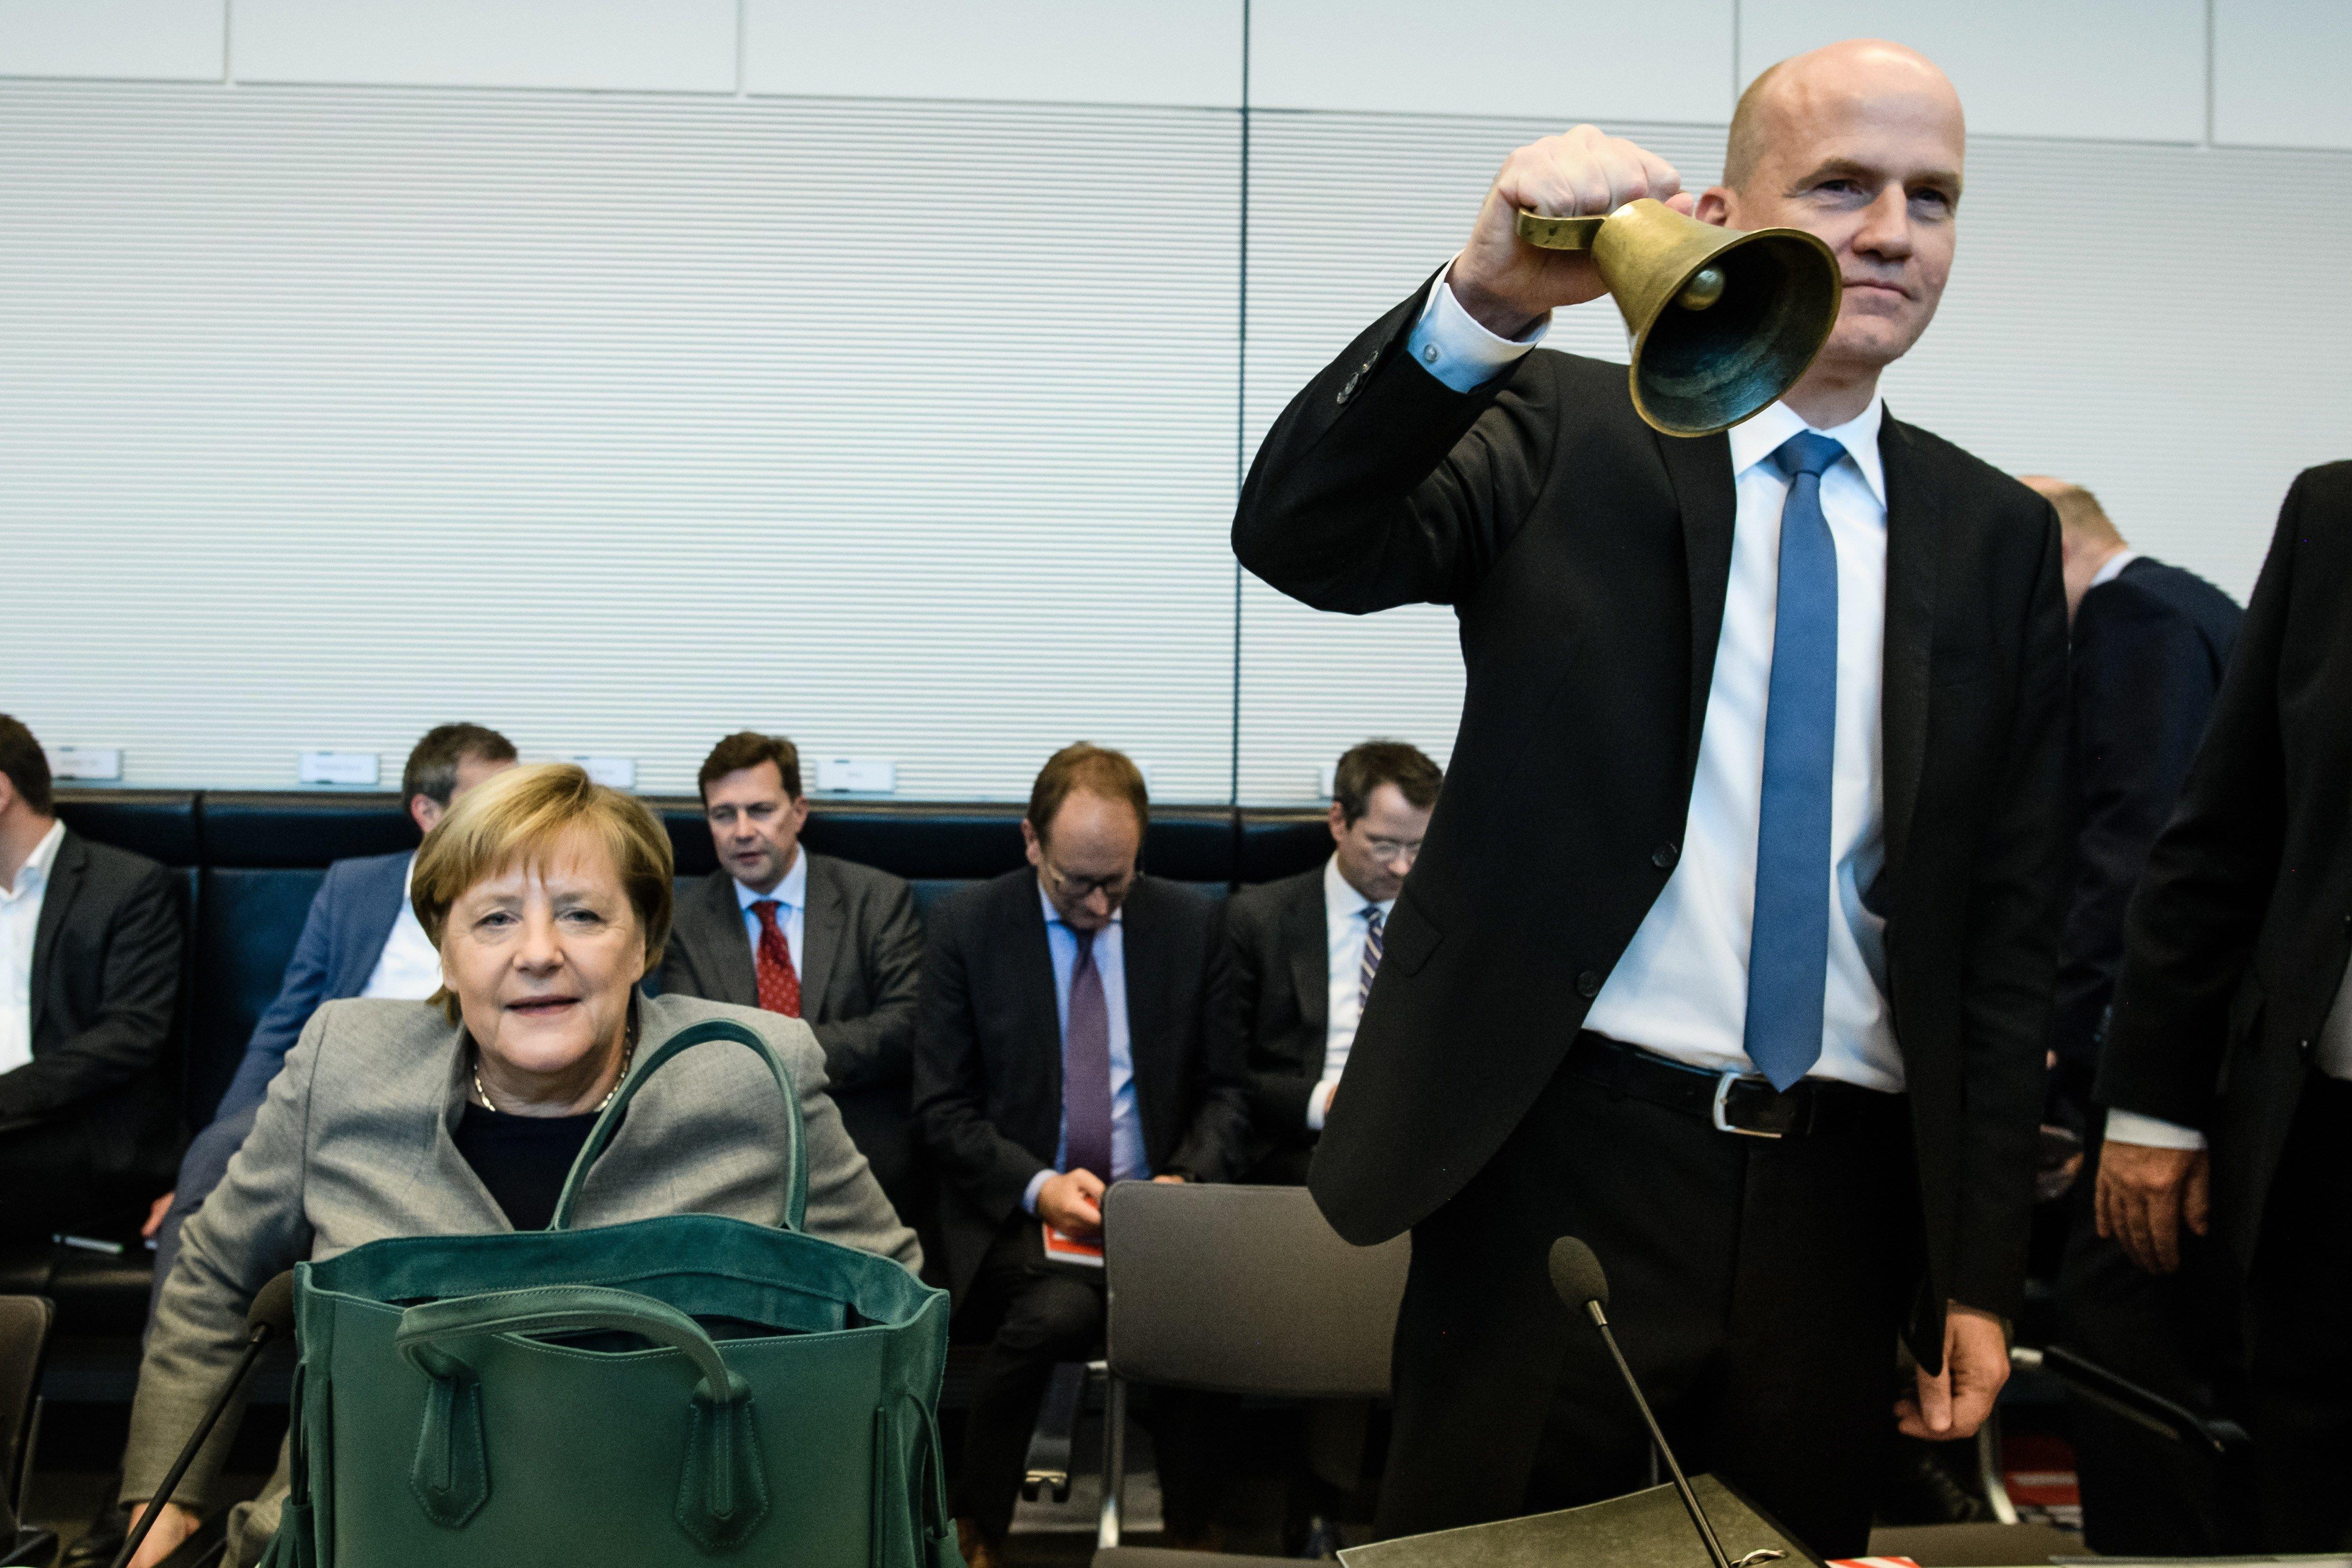 Union im Bundestag diskutiert Migrationspakt – dann kommt es zum Eklat